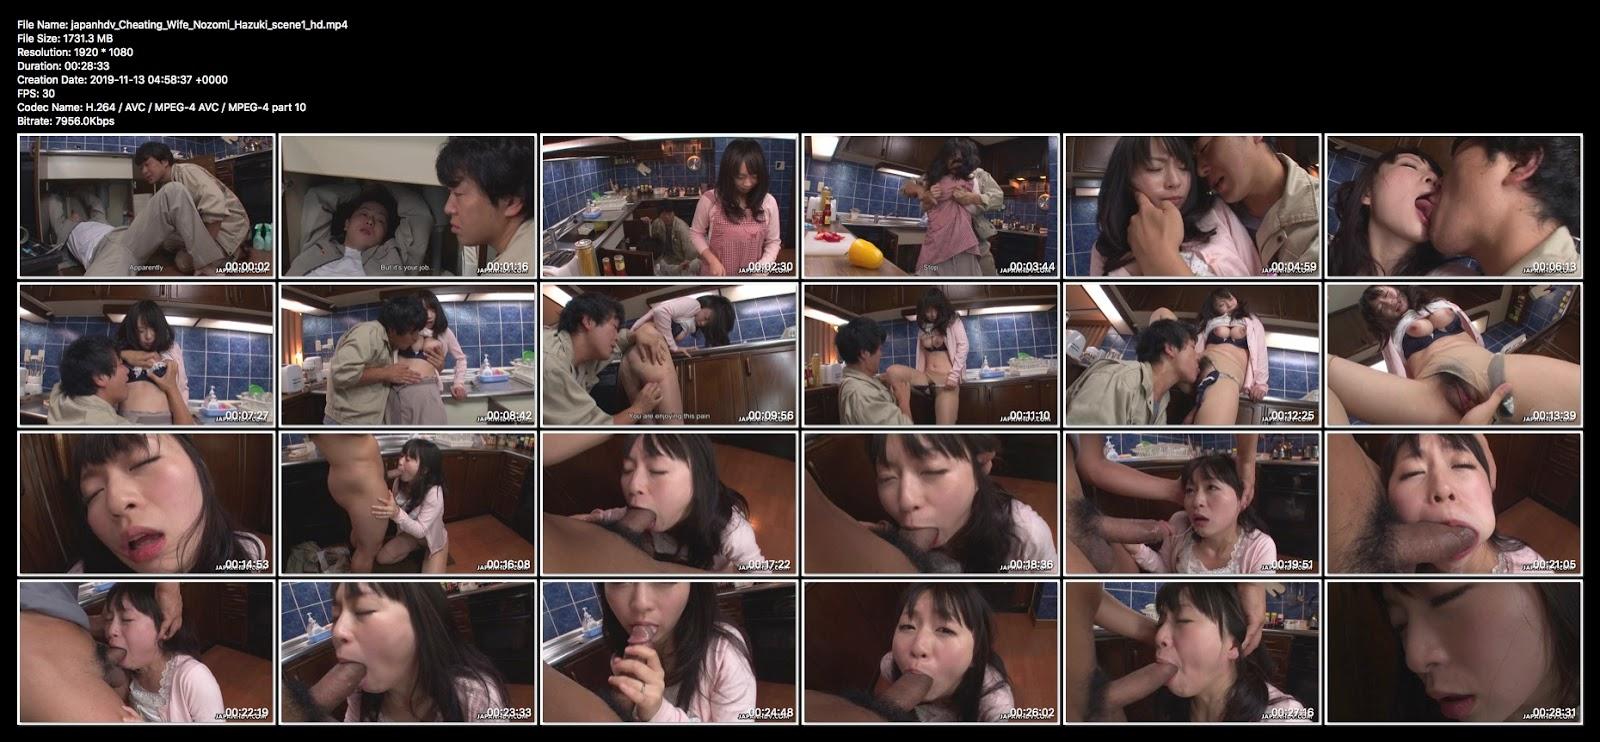 japanhdv Cheating_Wife_Nozomi_Hazuki_scene1_hd